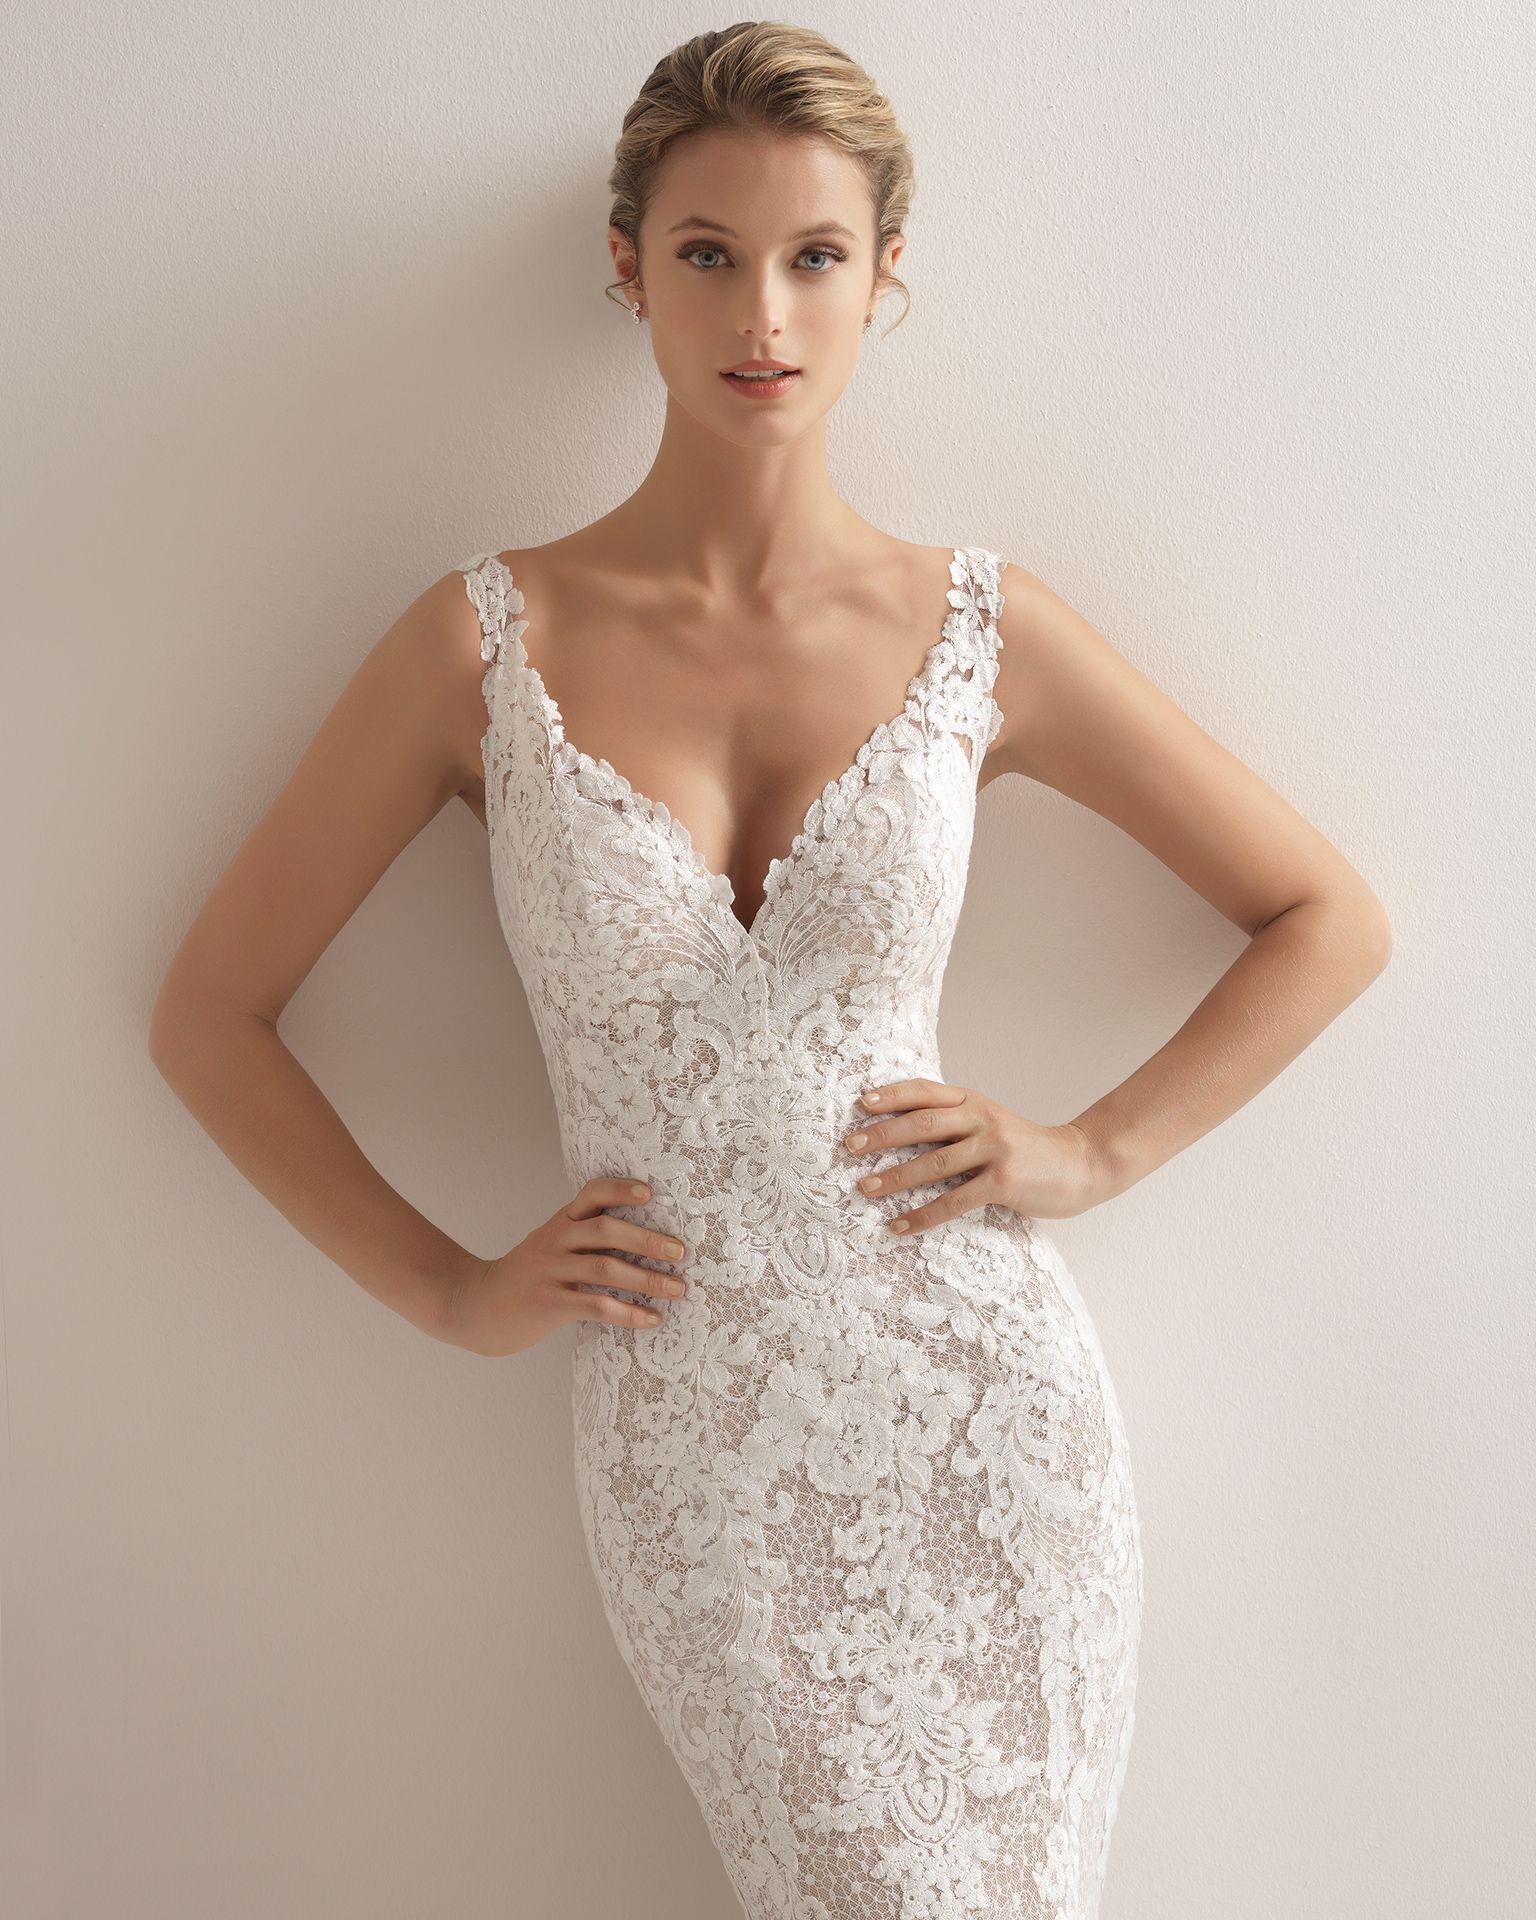 450fe639a0 Vestido de novia estilo romántico en encaje con escote V y espalda con  efecto tattoo con encaje en color nude y en natural.